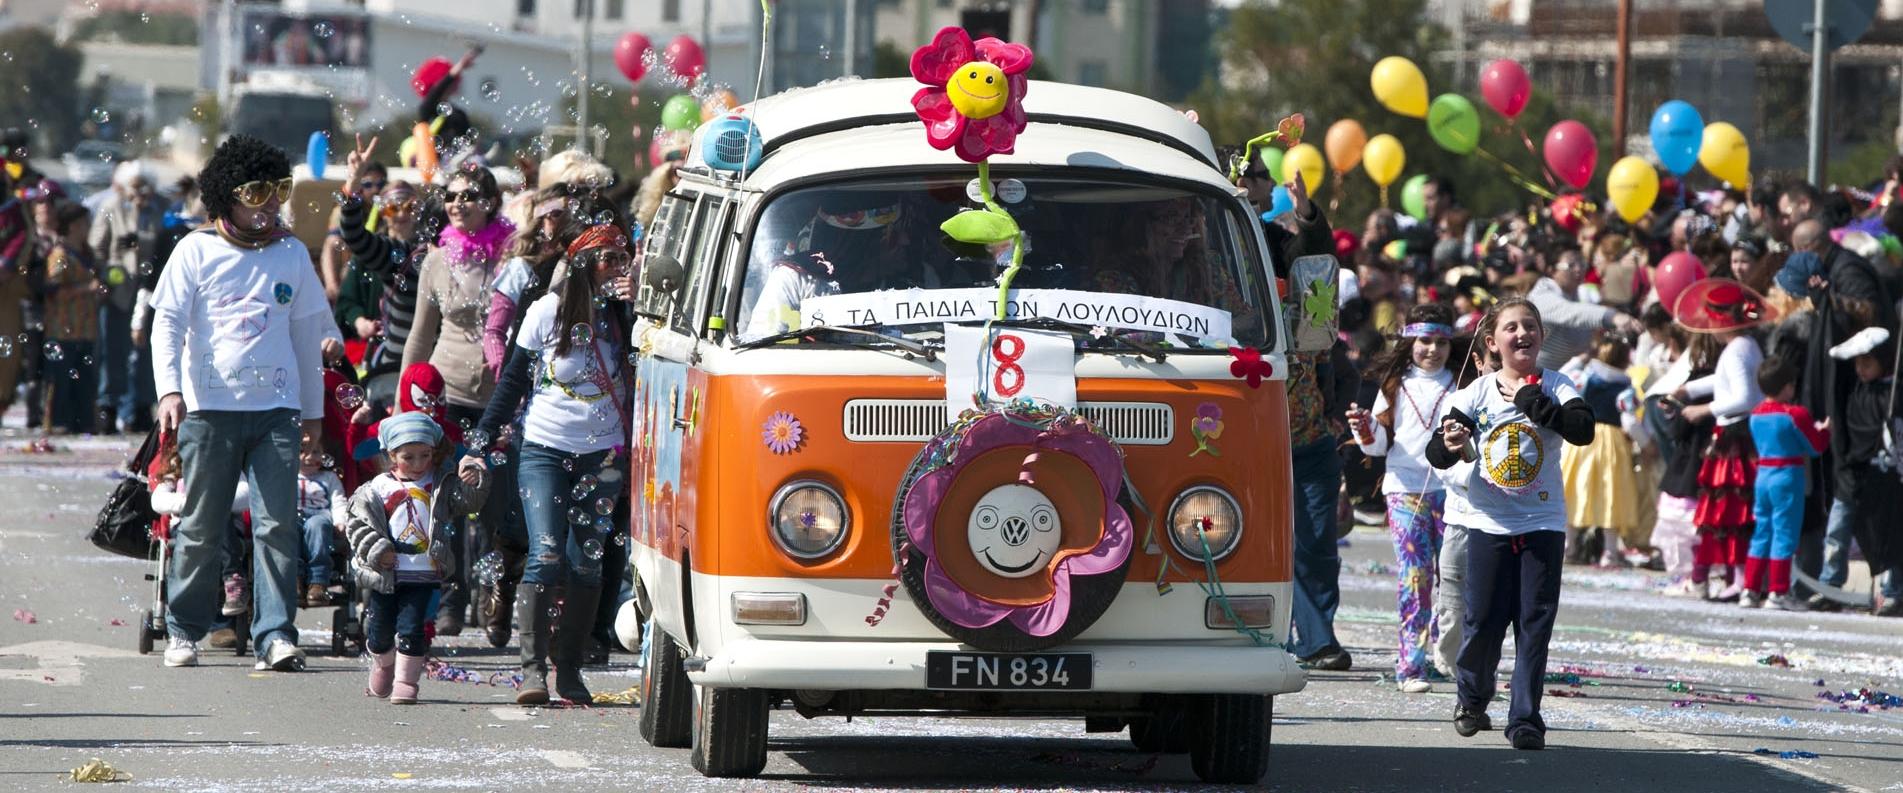 Праздники и фестивали в Никосии и окрестностях